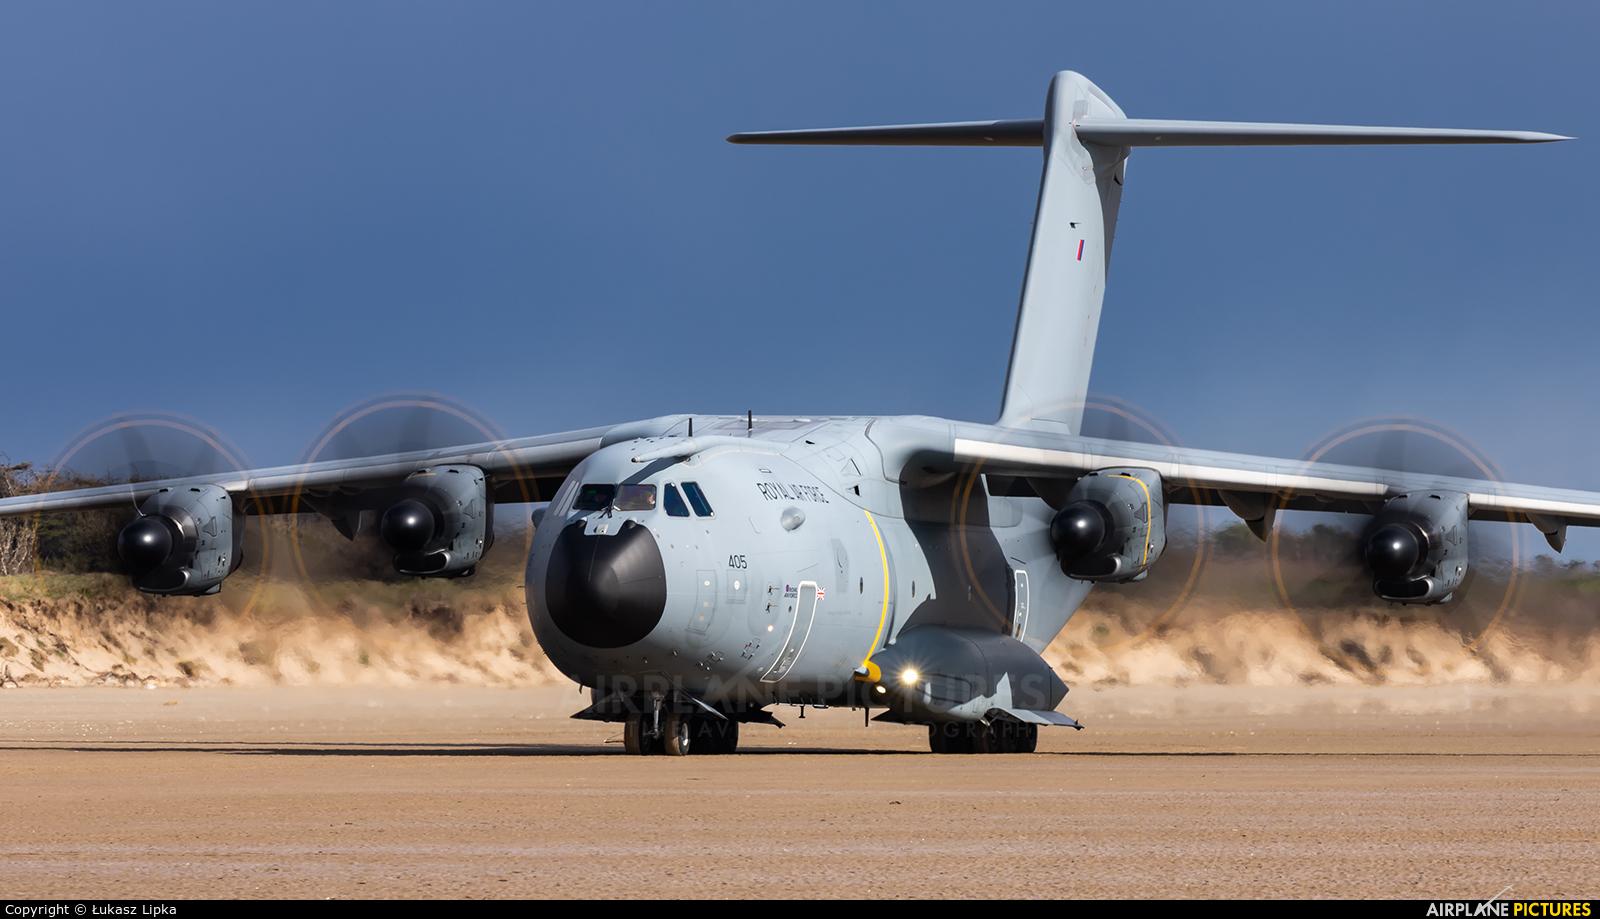 Royal Air Force ZM405 aircraft at Off Airport - Wales